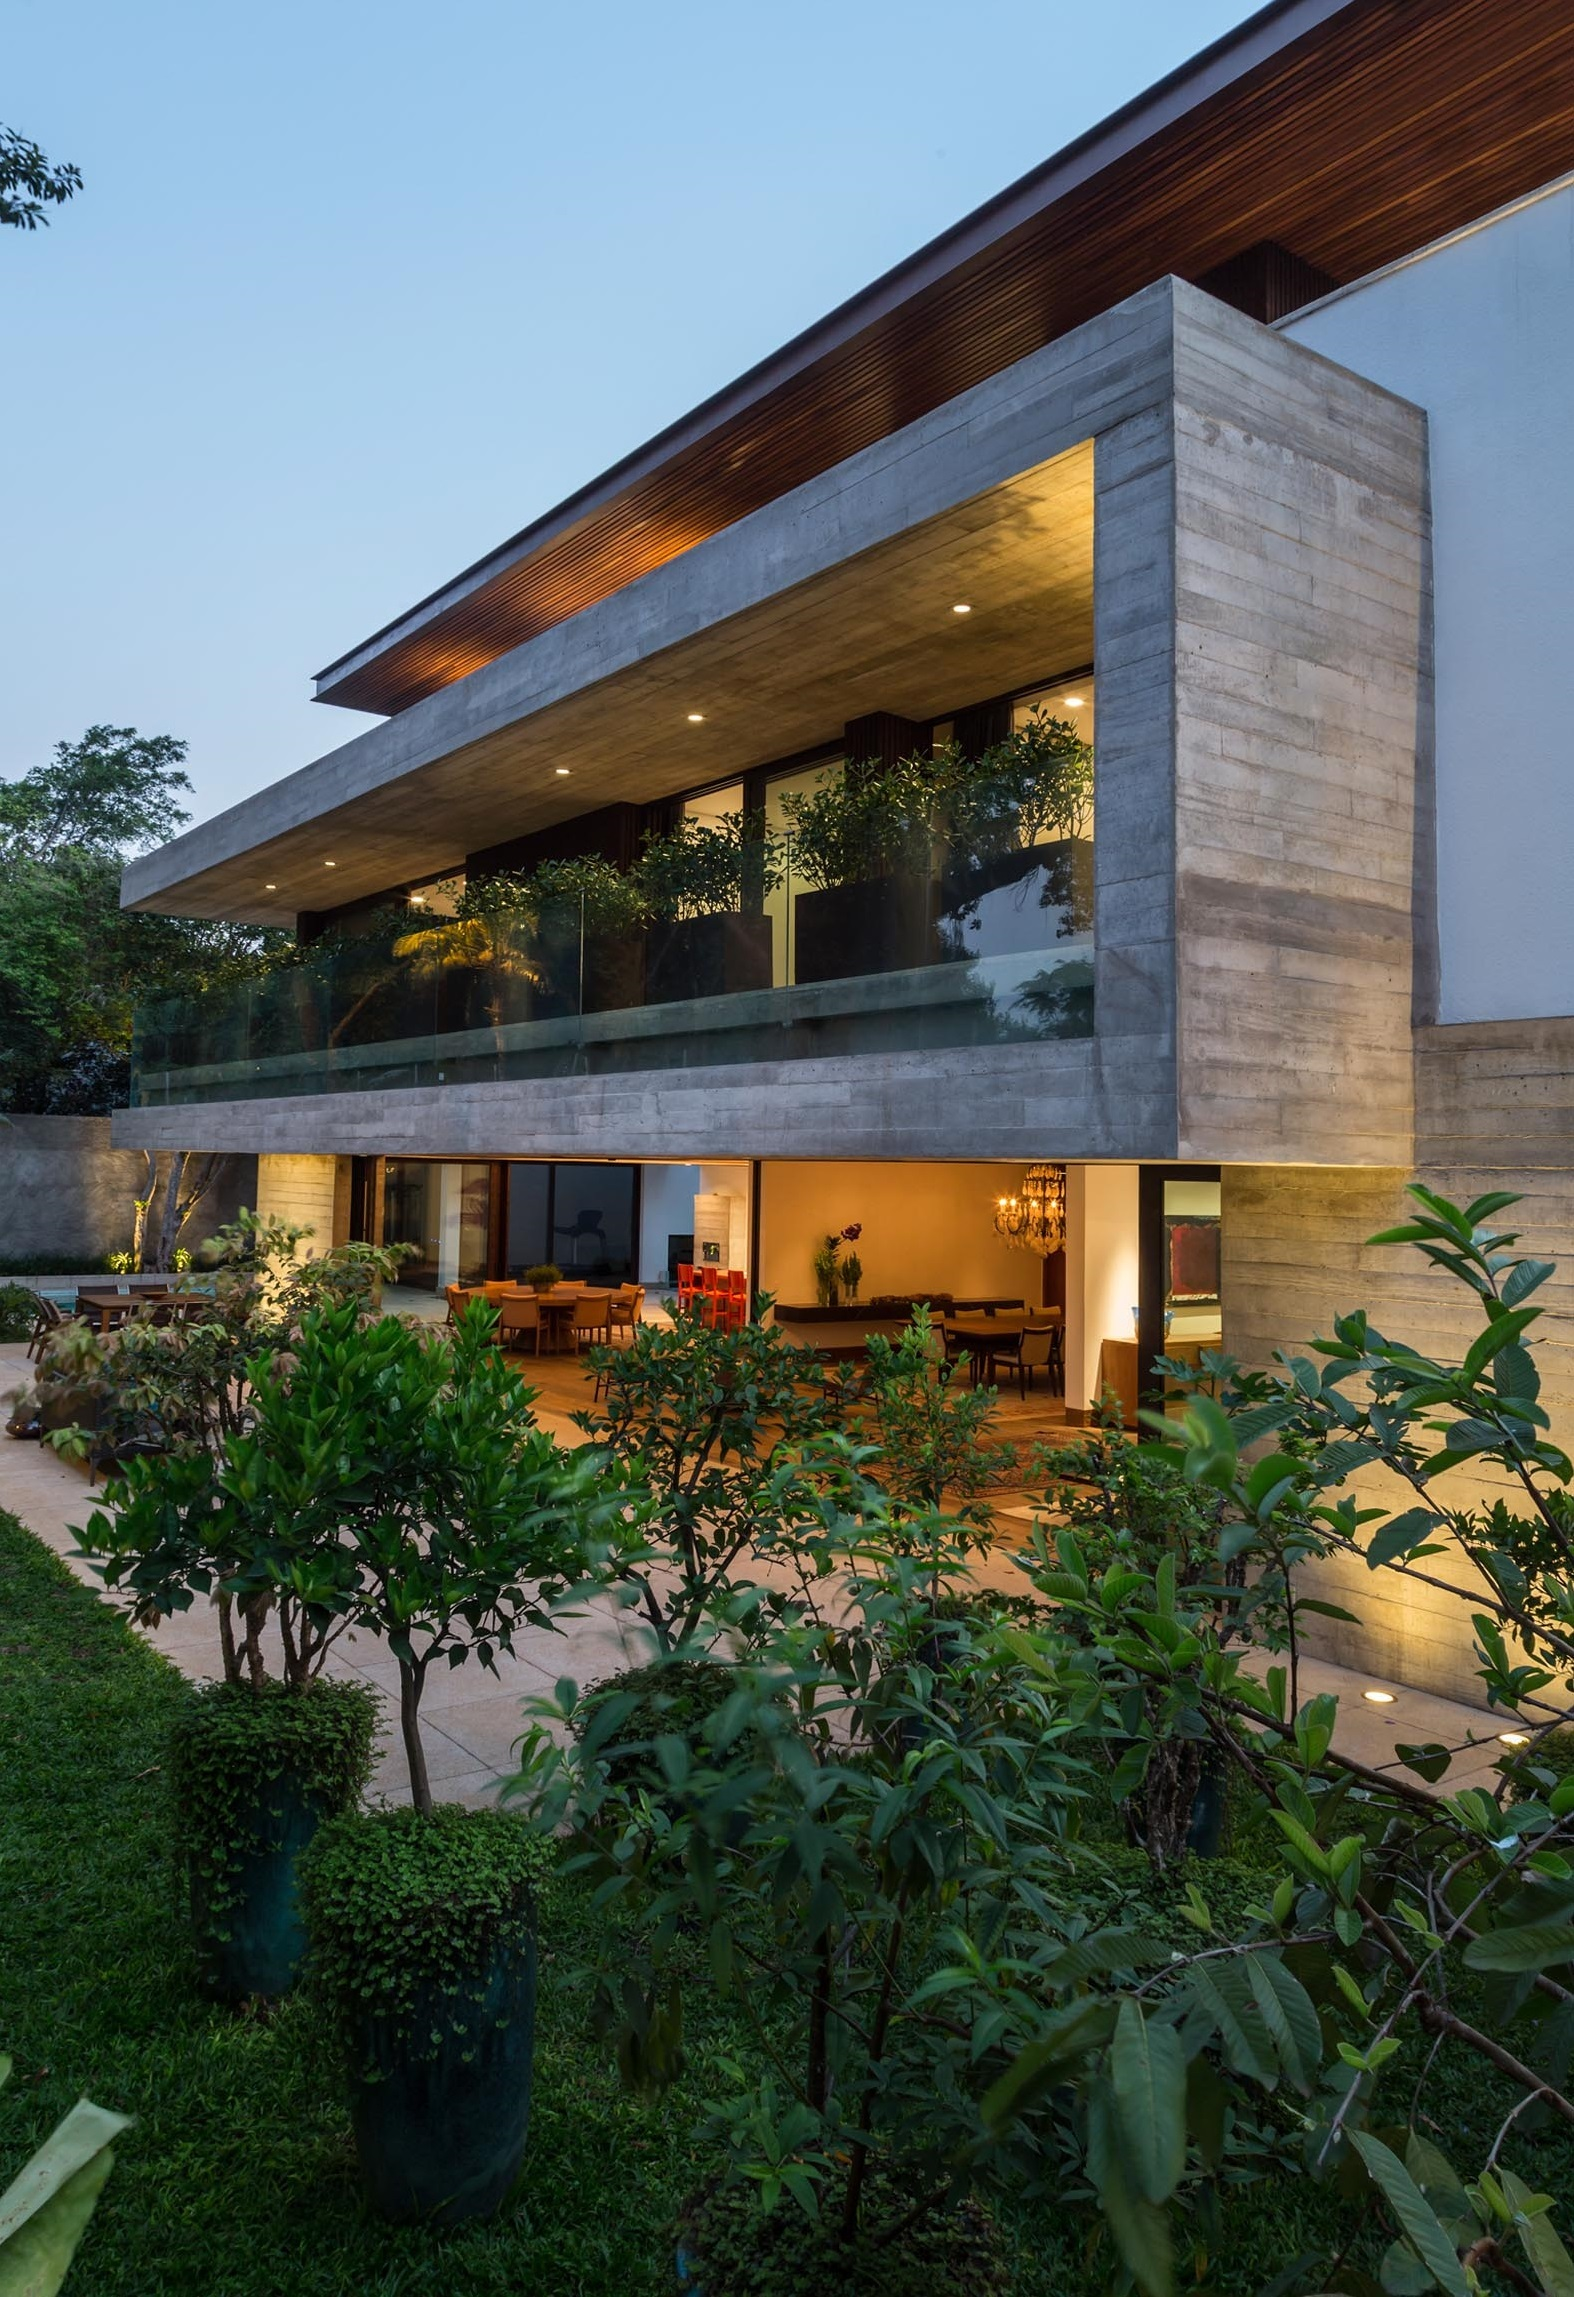 MO Residence / Reinach Mendonça Arquitetos Associados